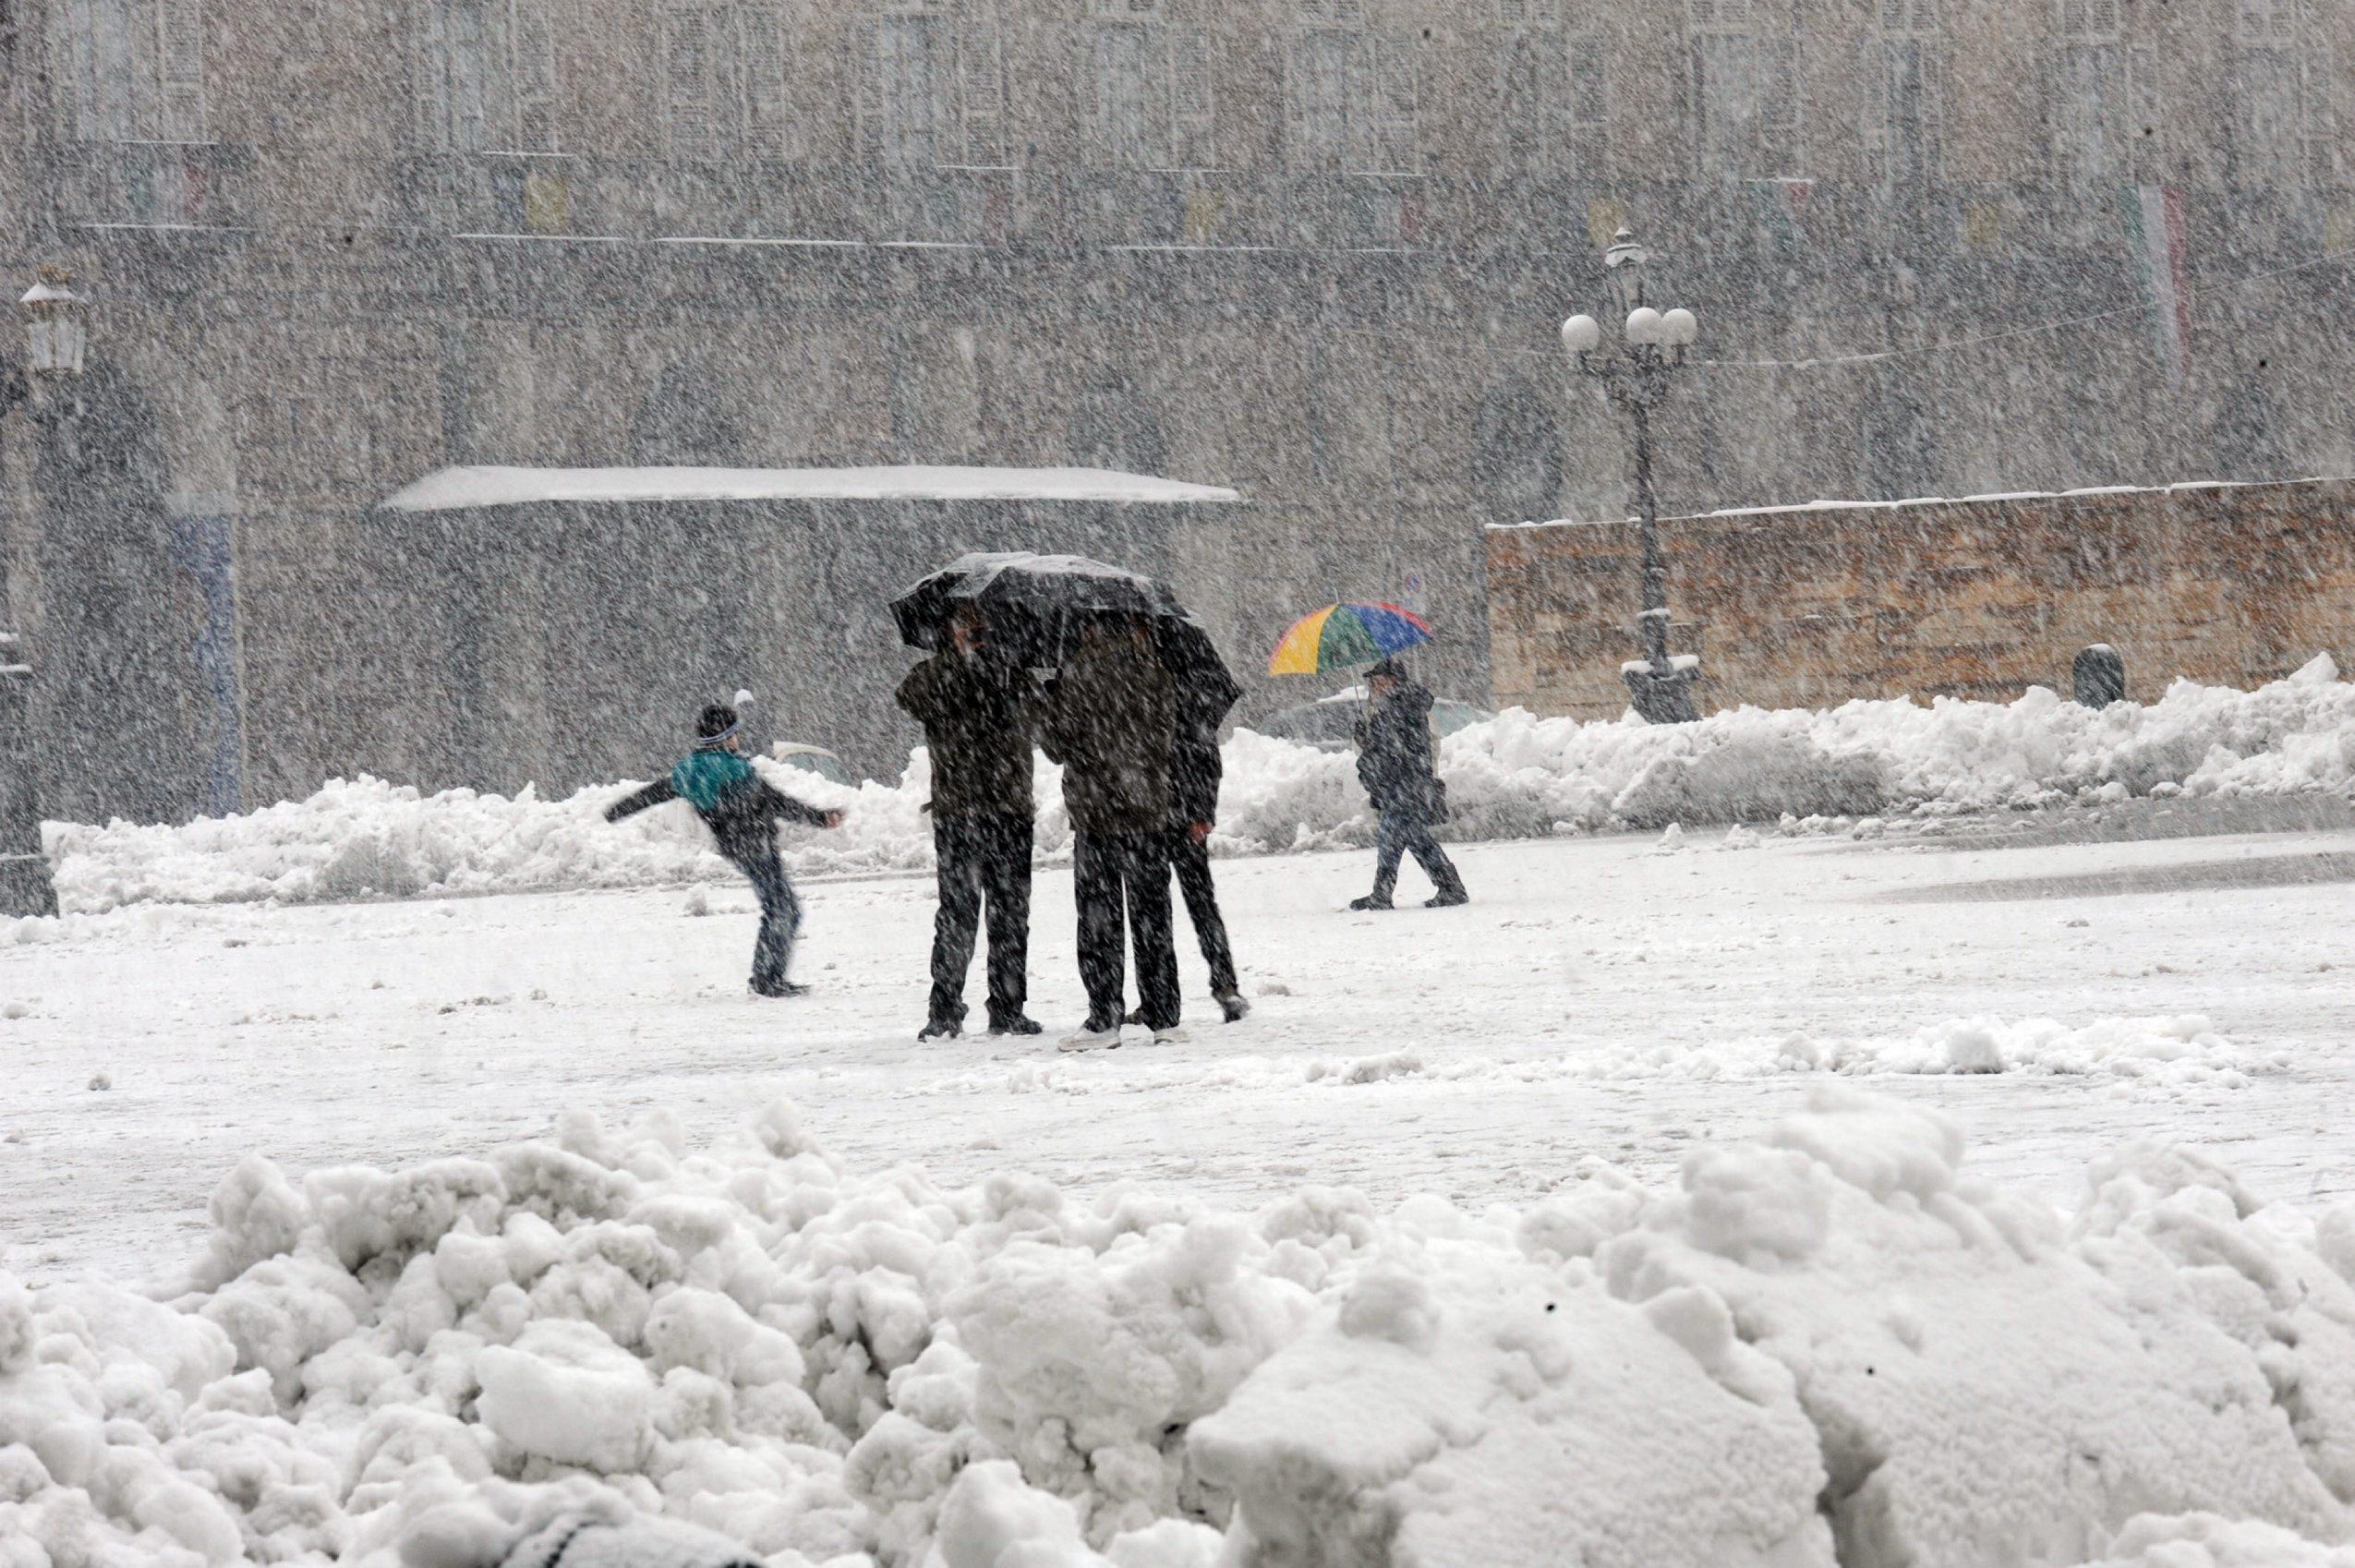 Allerta neve al centro sud a roma chiuse scuole e uffici for Centro uffici roma